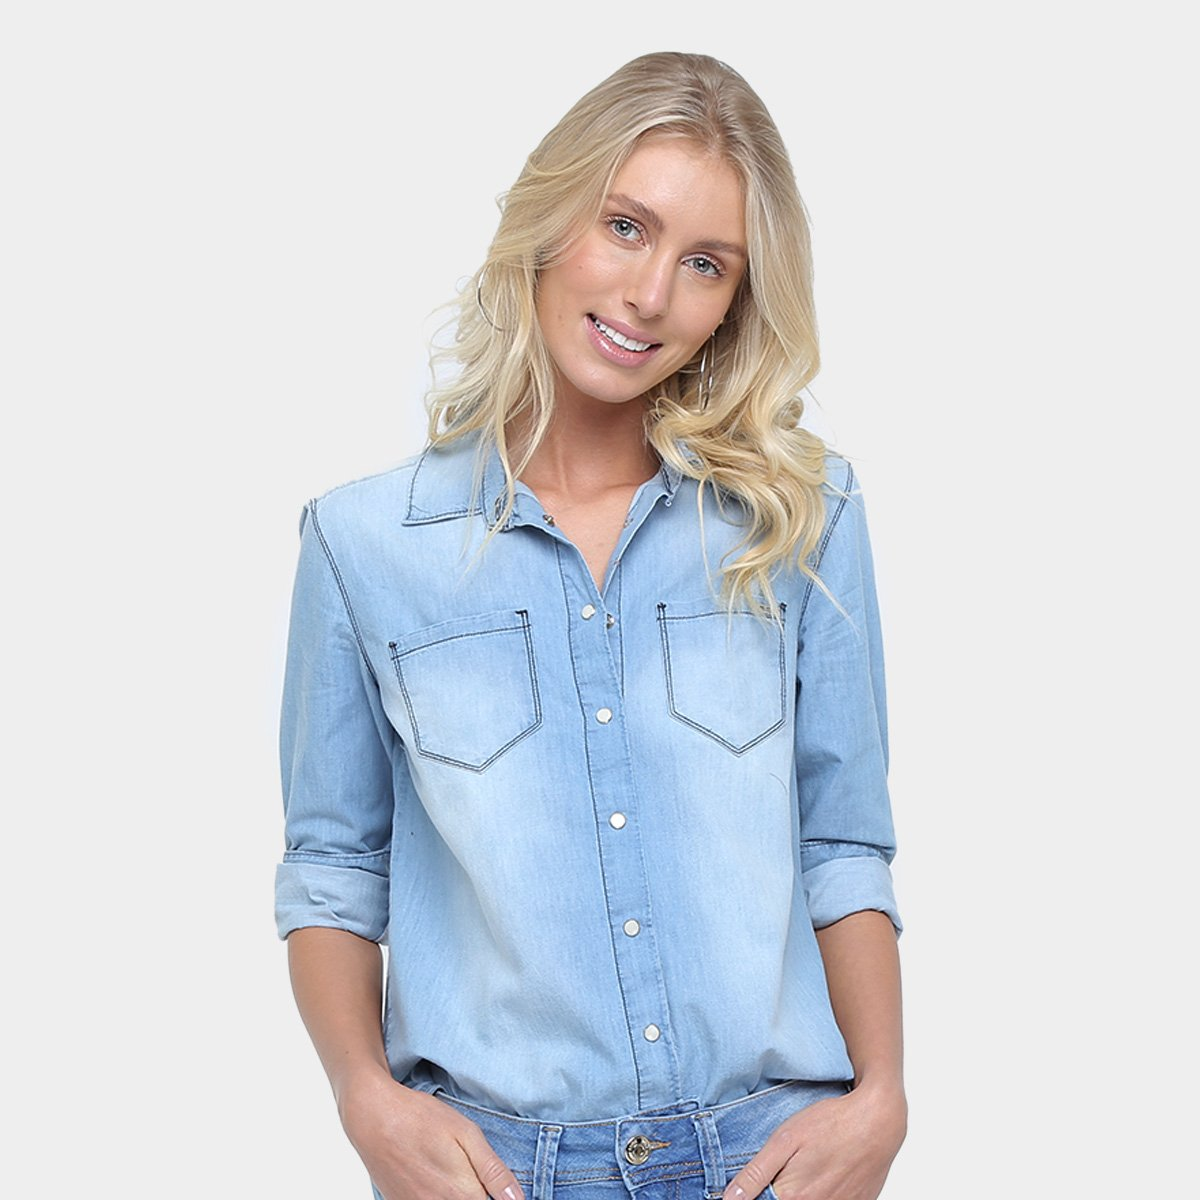 b87064cfcc Camisa Jeans Colcci Estonada Manga Longa Feminina | Opte+